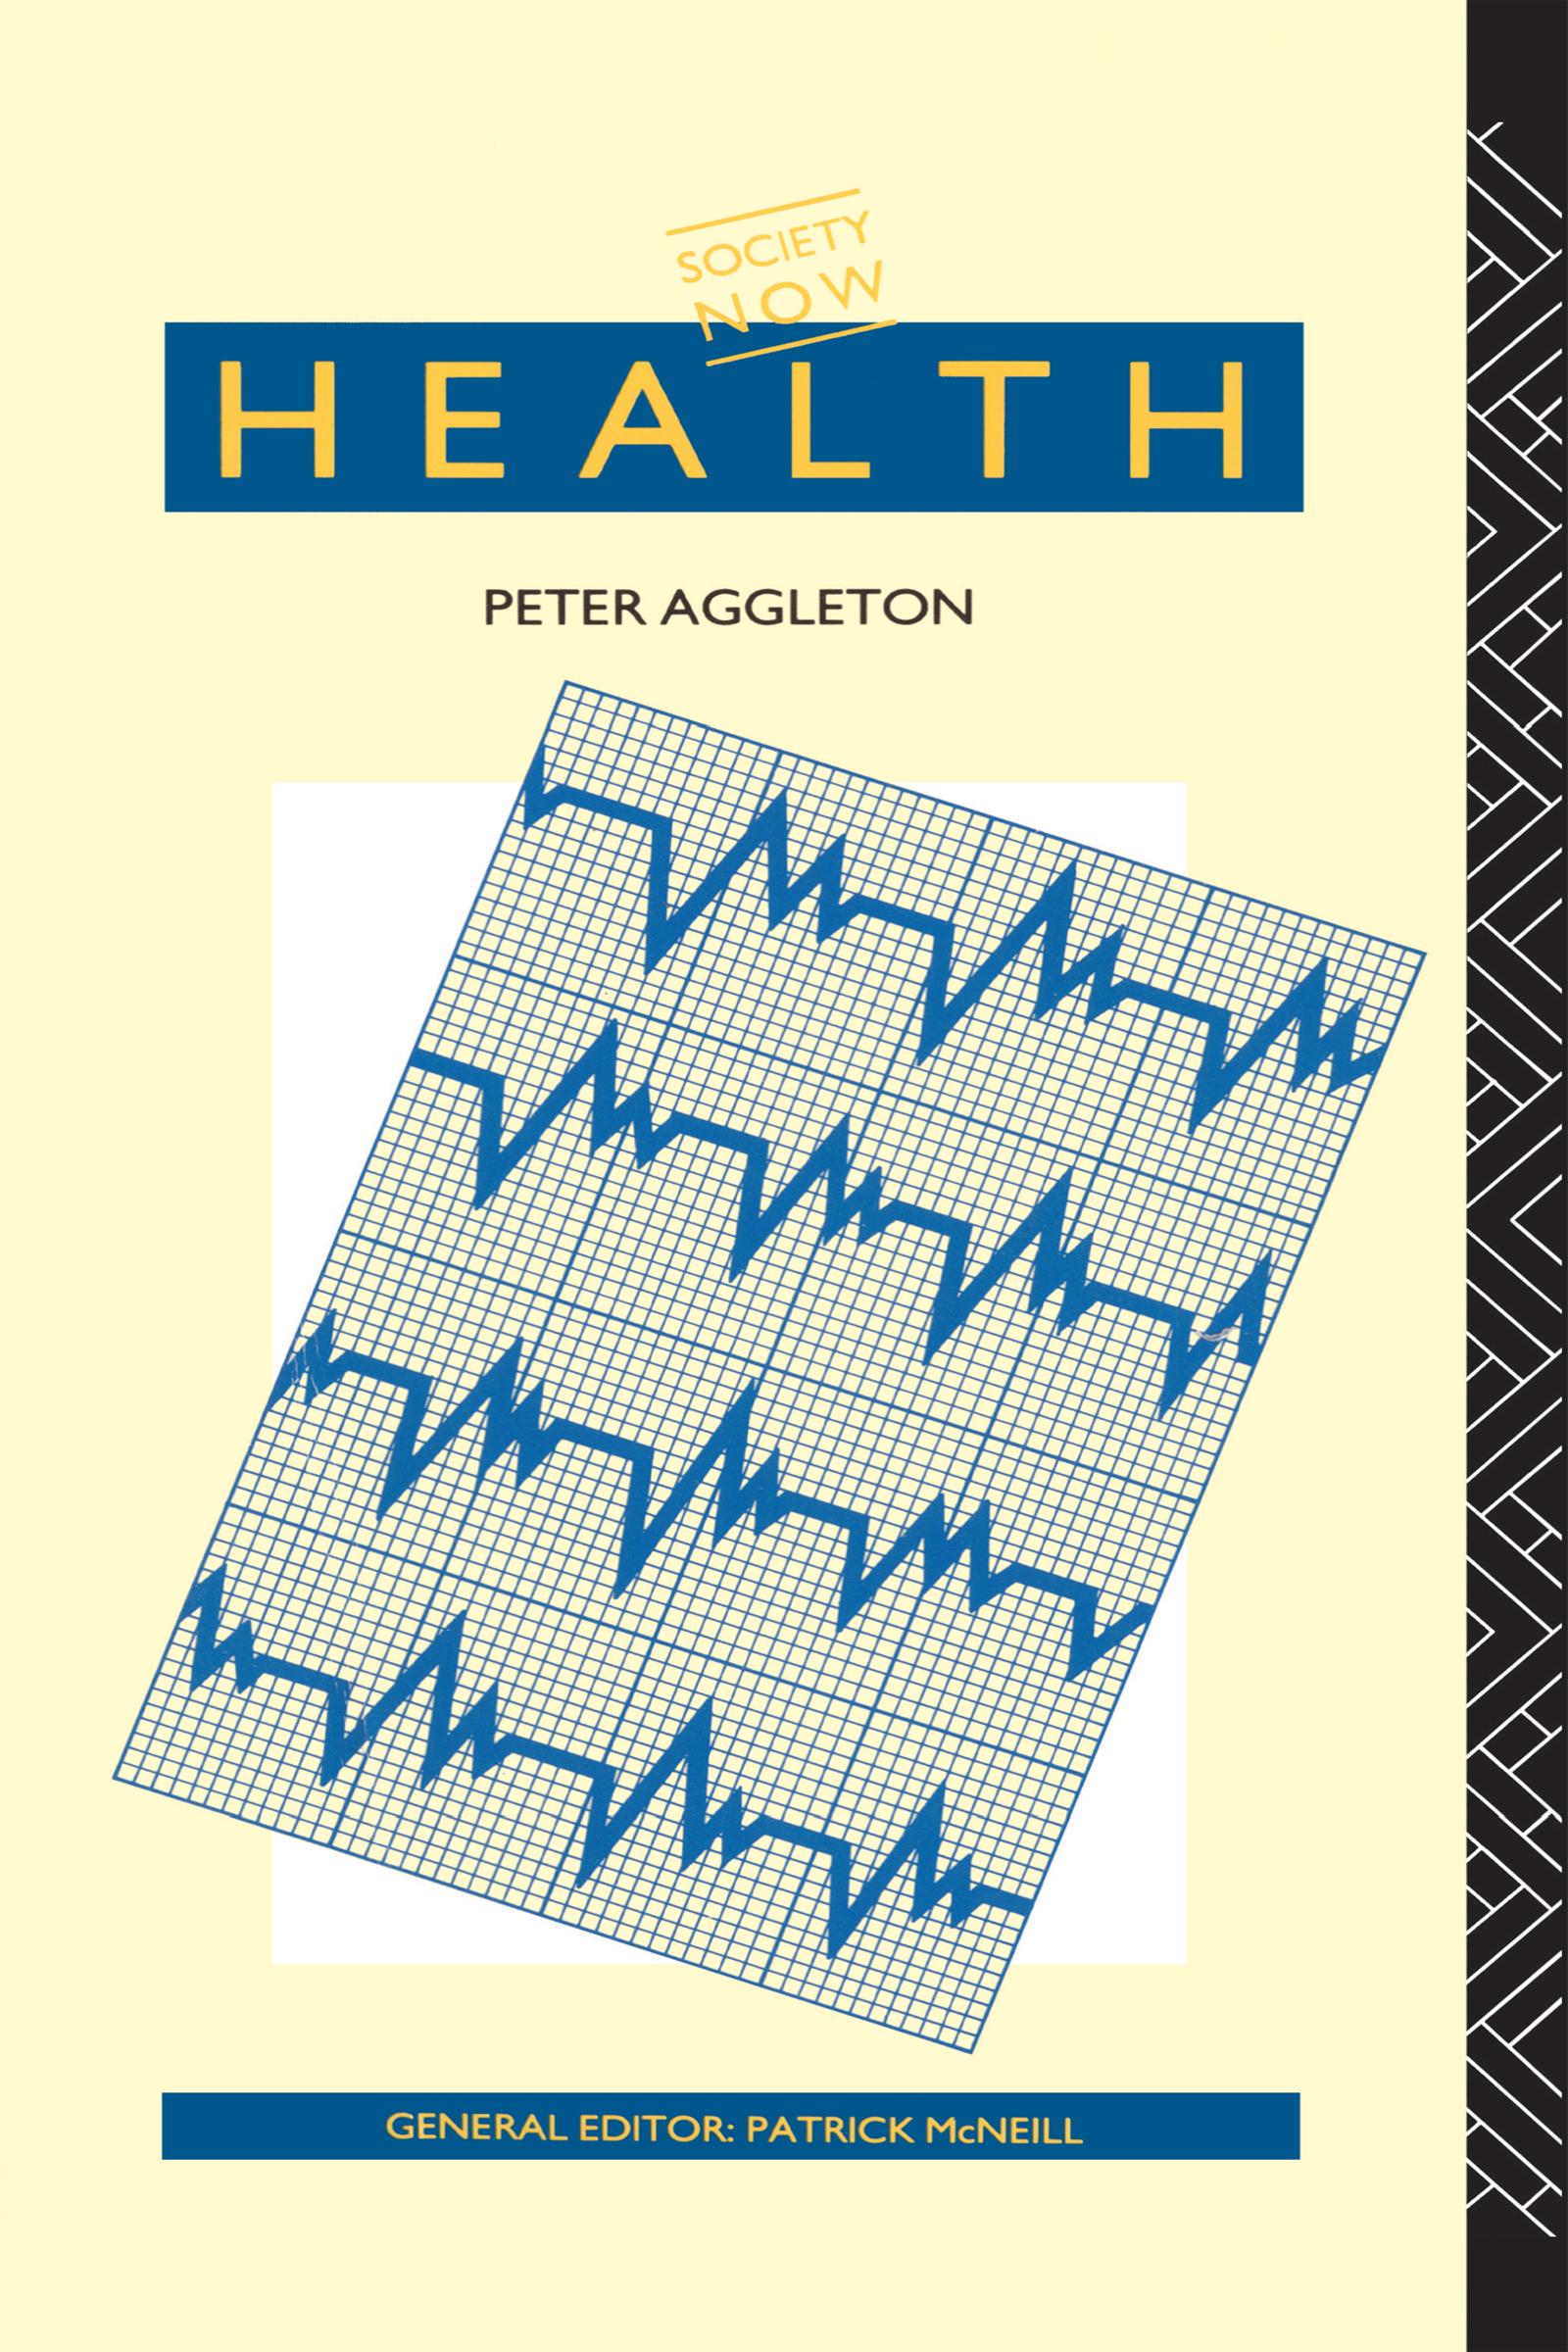 Defining health